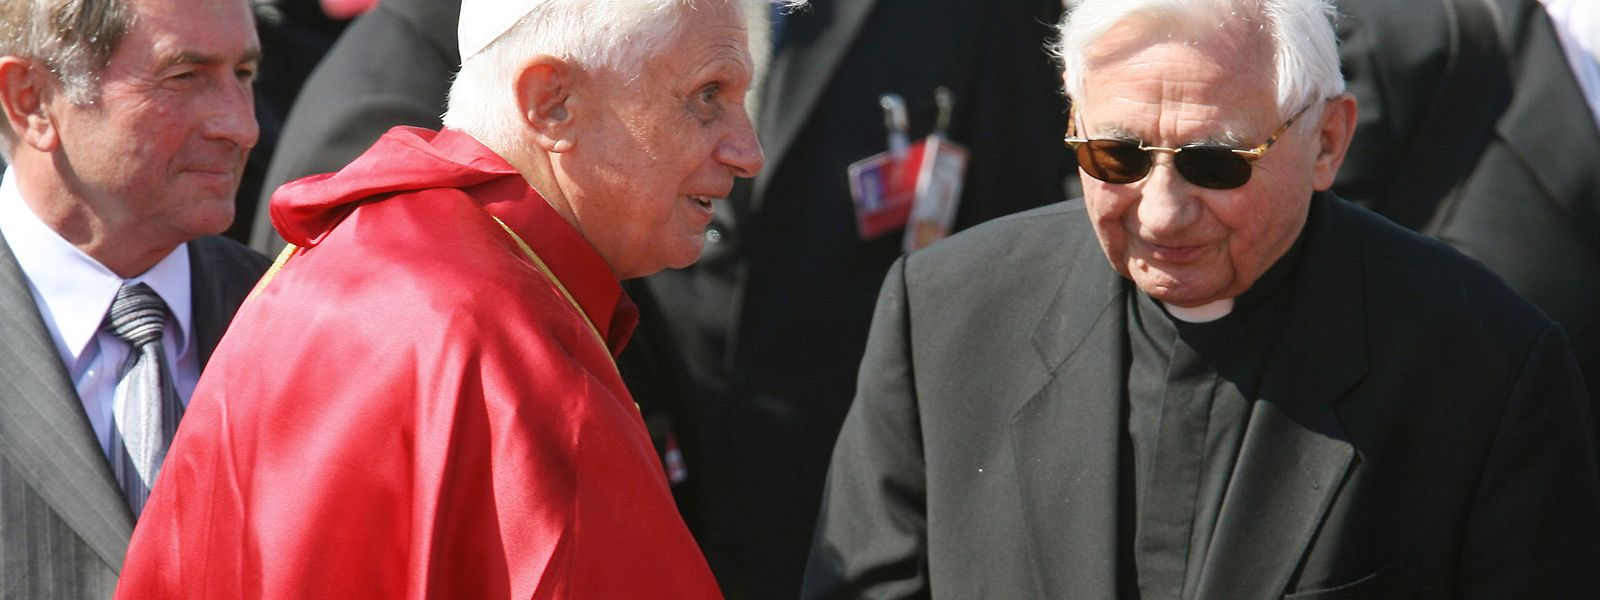 Der ehemalige Papst Benedikt XVI (L) mit seinem Bruder Georg Ratzinger (R) im Jahr 2006.